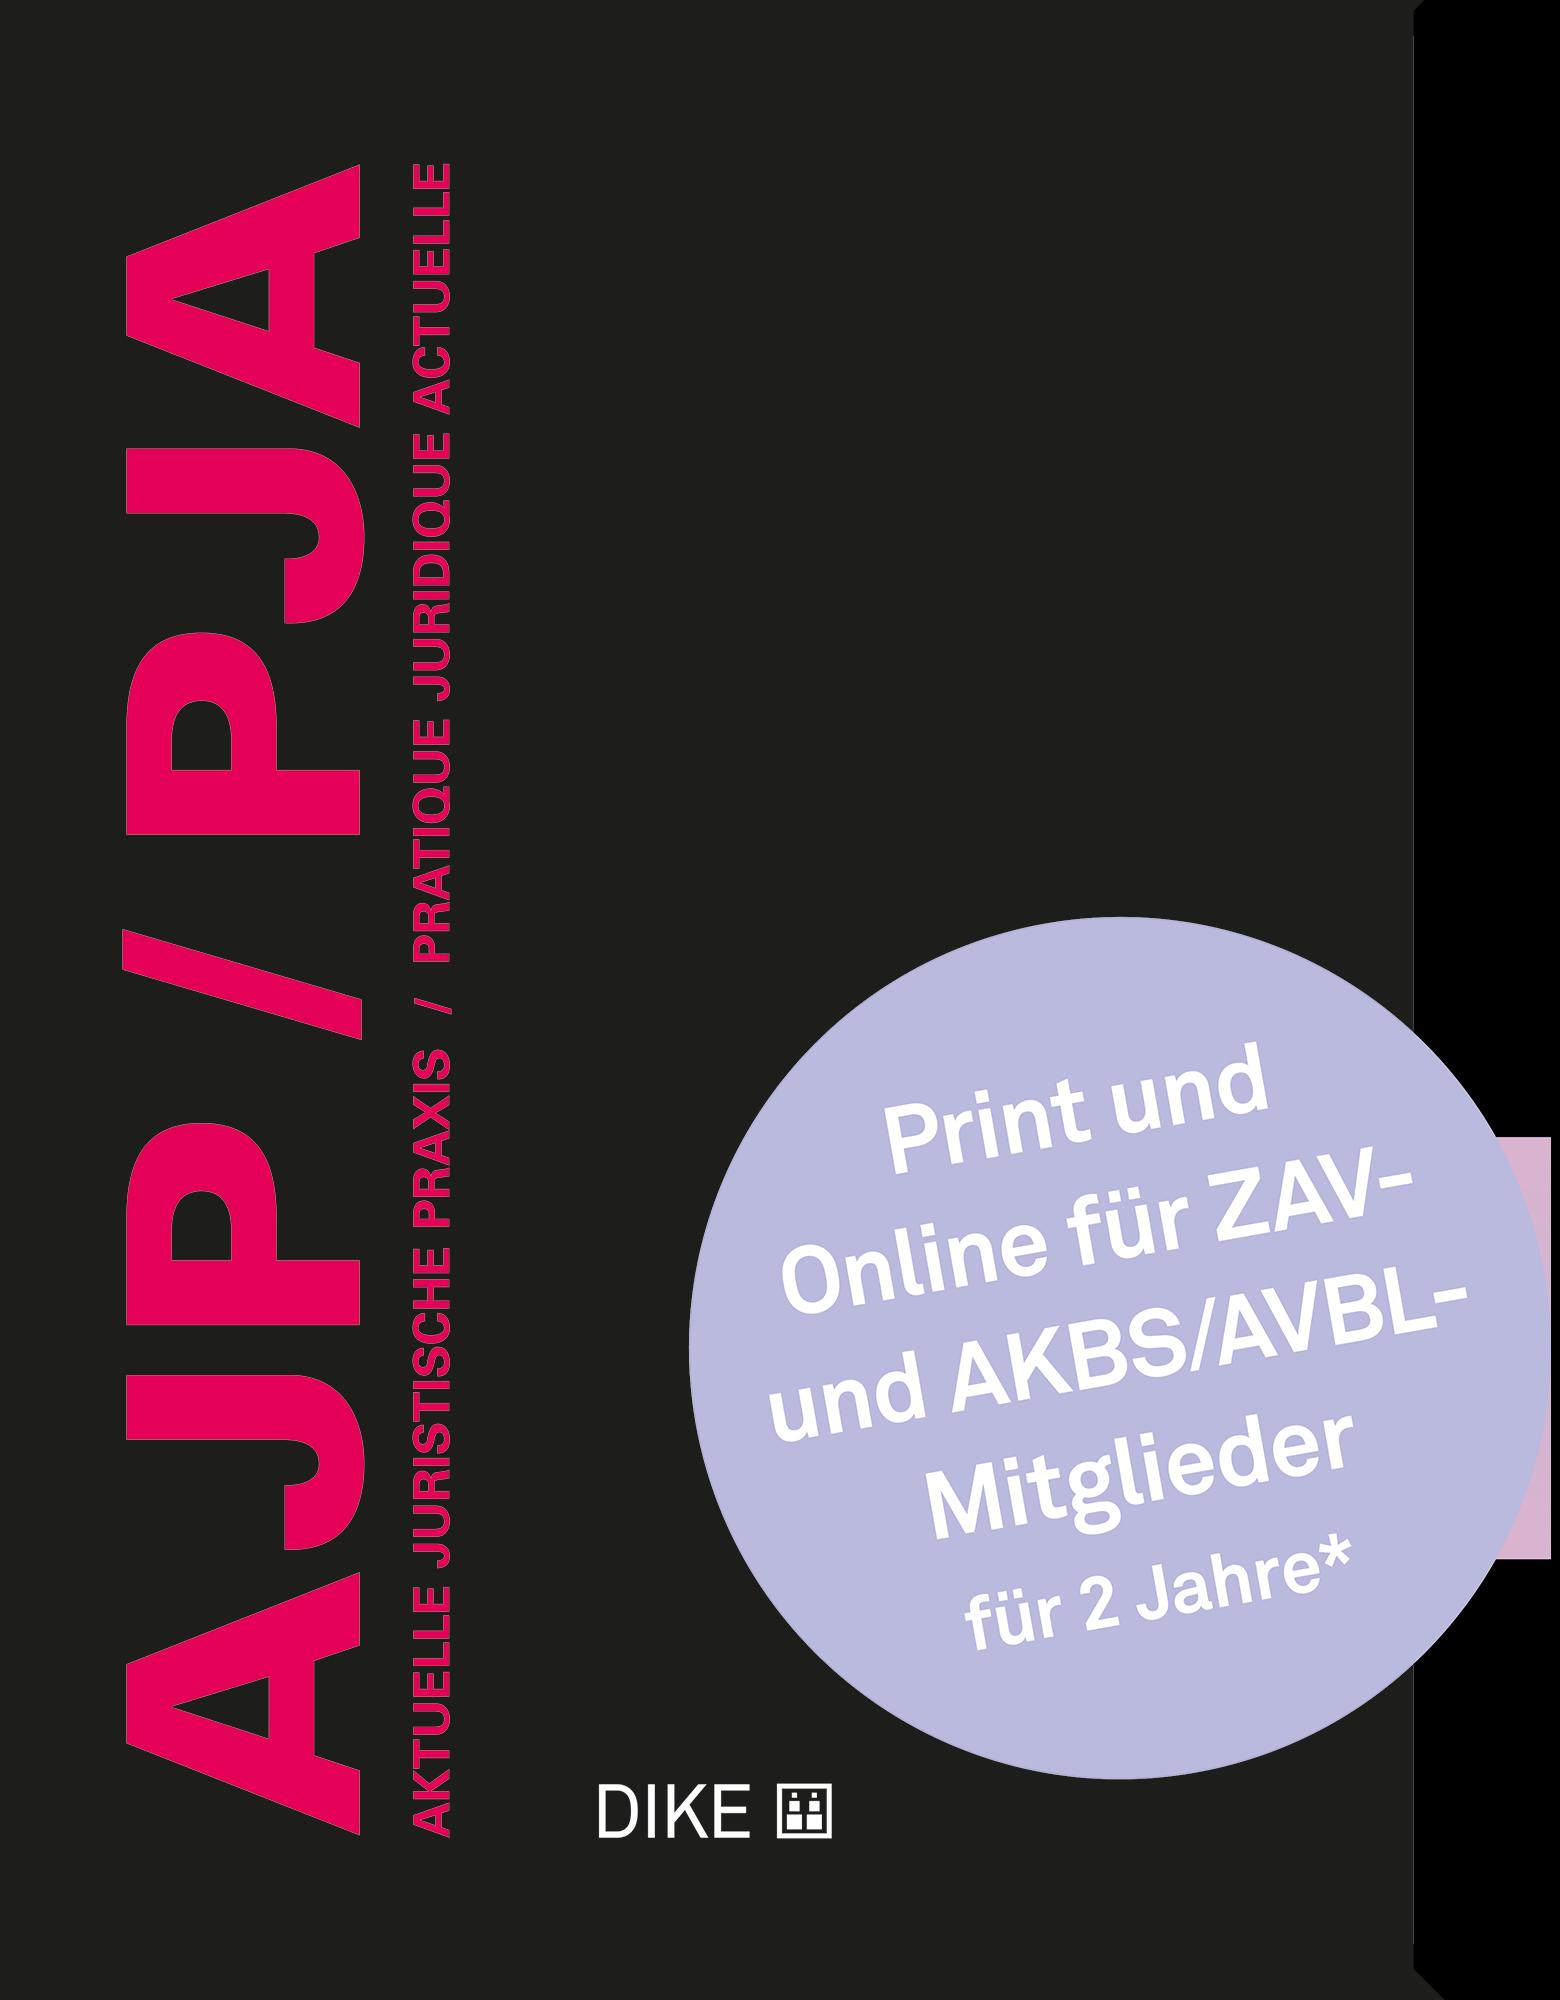 AJP/PJA - Print-Online Abonnement für ZAV- und AKBS/AVBL-Mitglieder